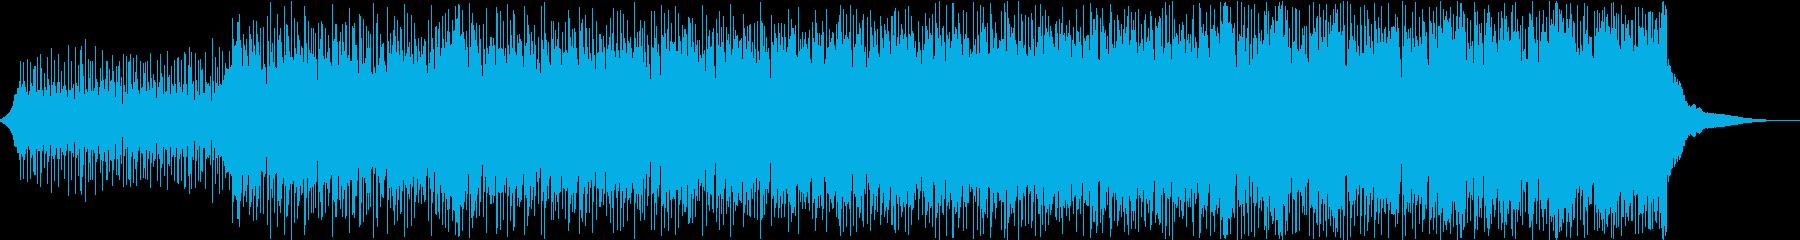 ドラマのテーマ曲のようなロックの再生済みの波形